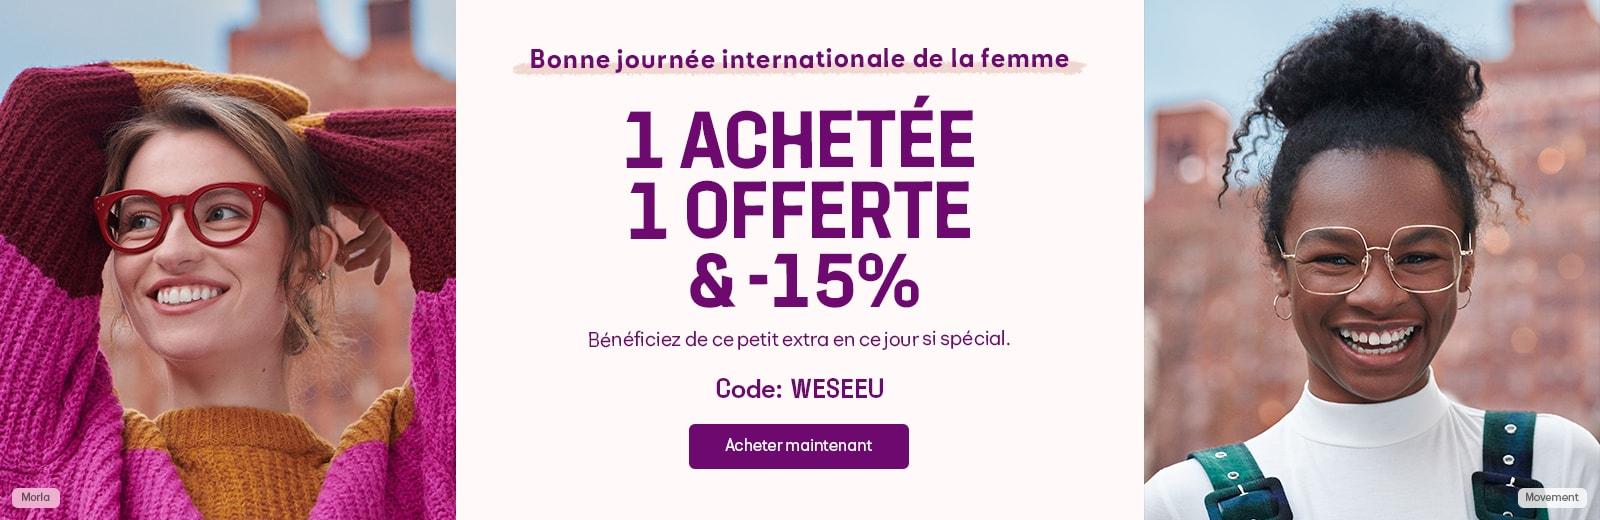 1 ACHETÉE, 1 OFFERTE & -15% CODE: WESEEU